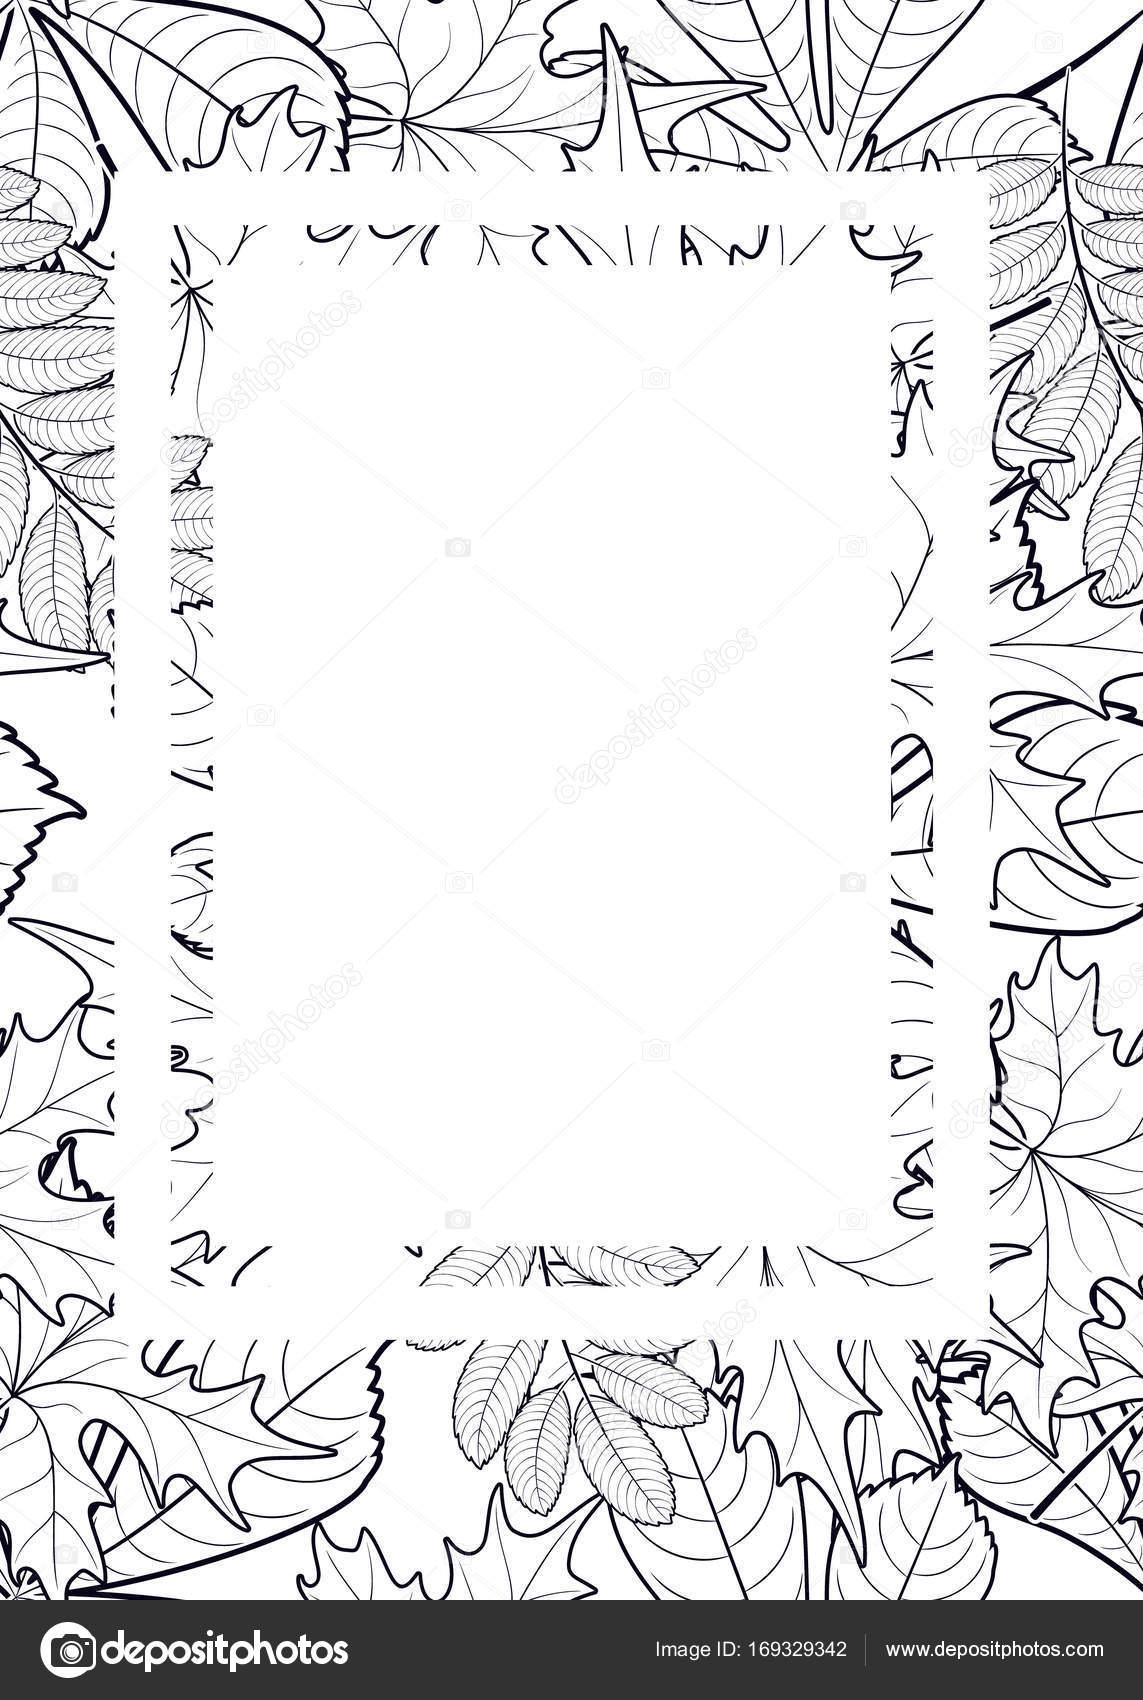 Vektor-Muster-Rahmen mit Herbst Blätter — Stockvektor © Olga_Kononok ...